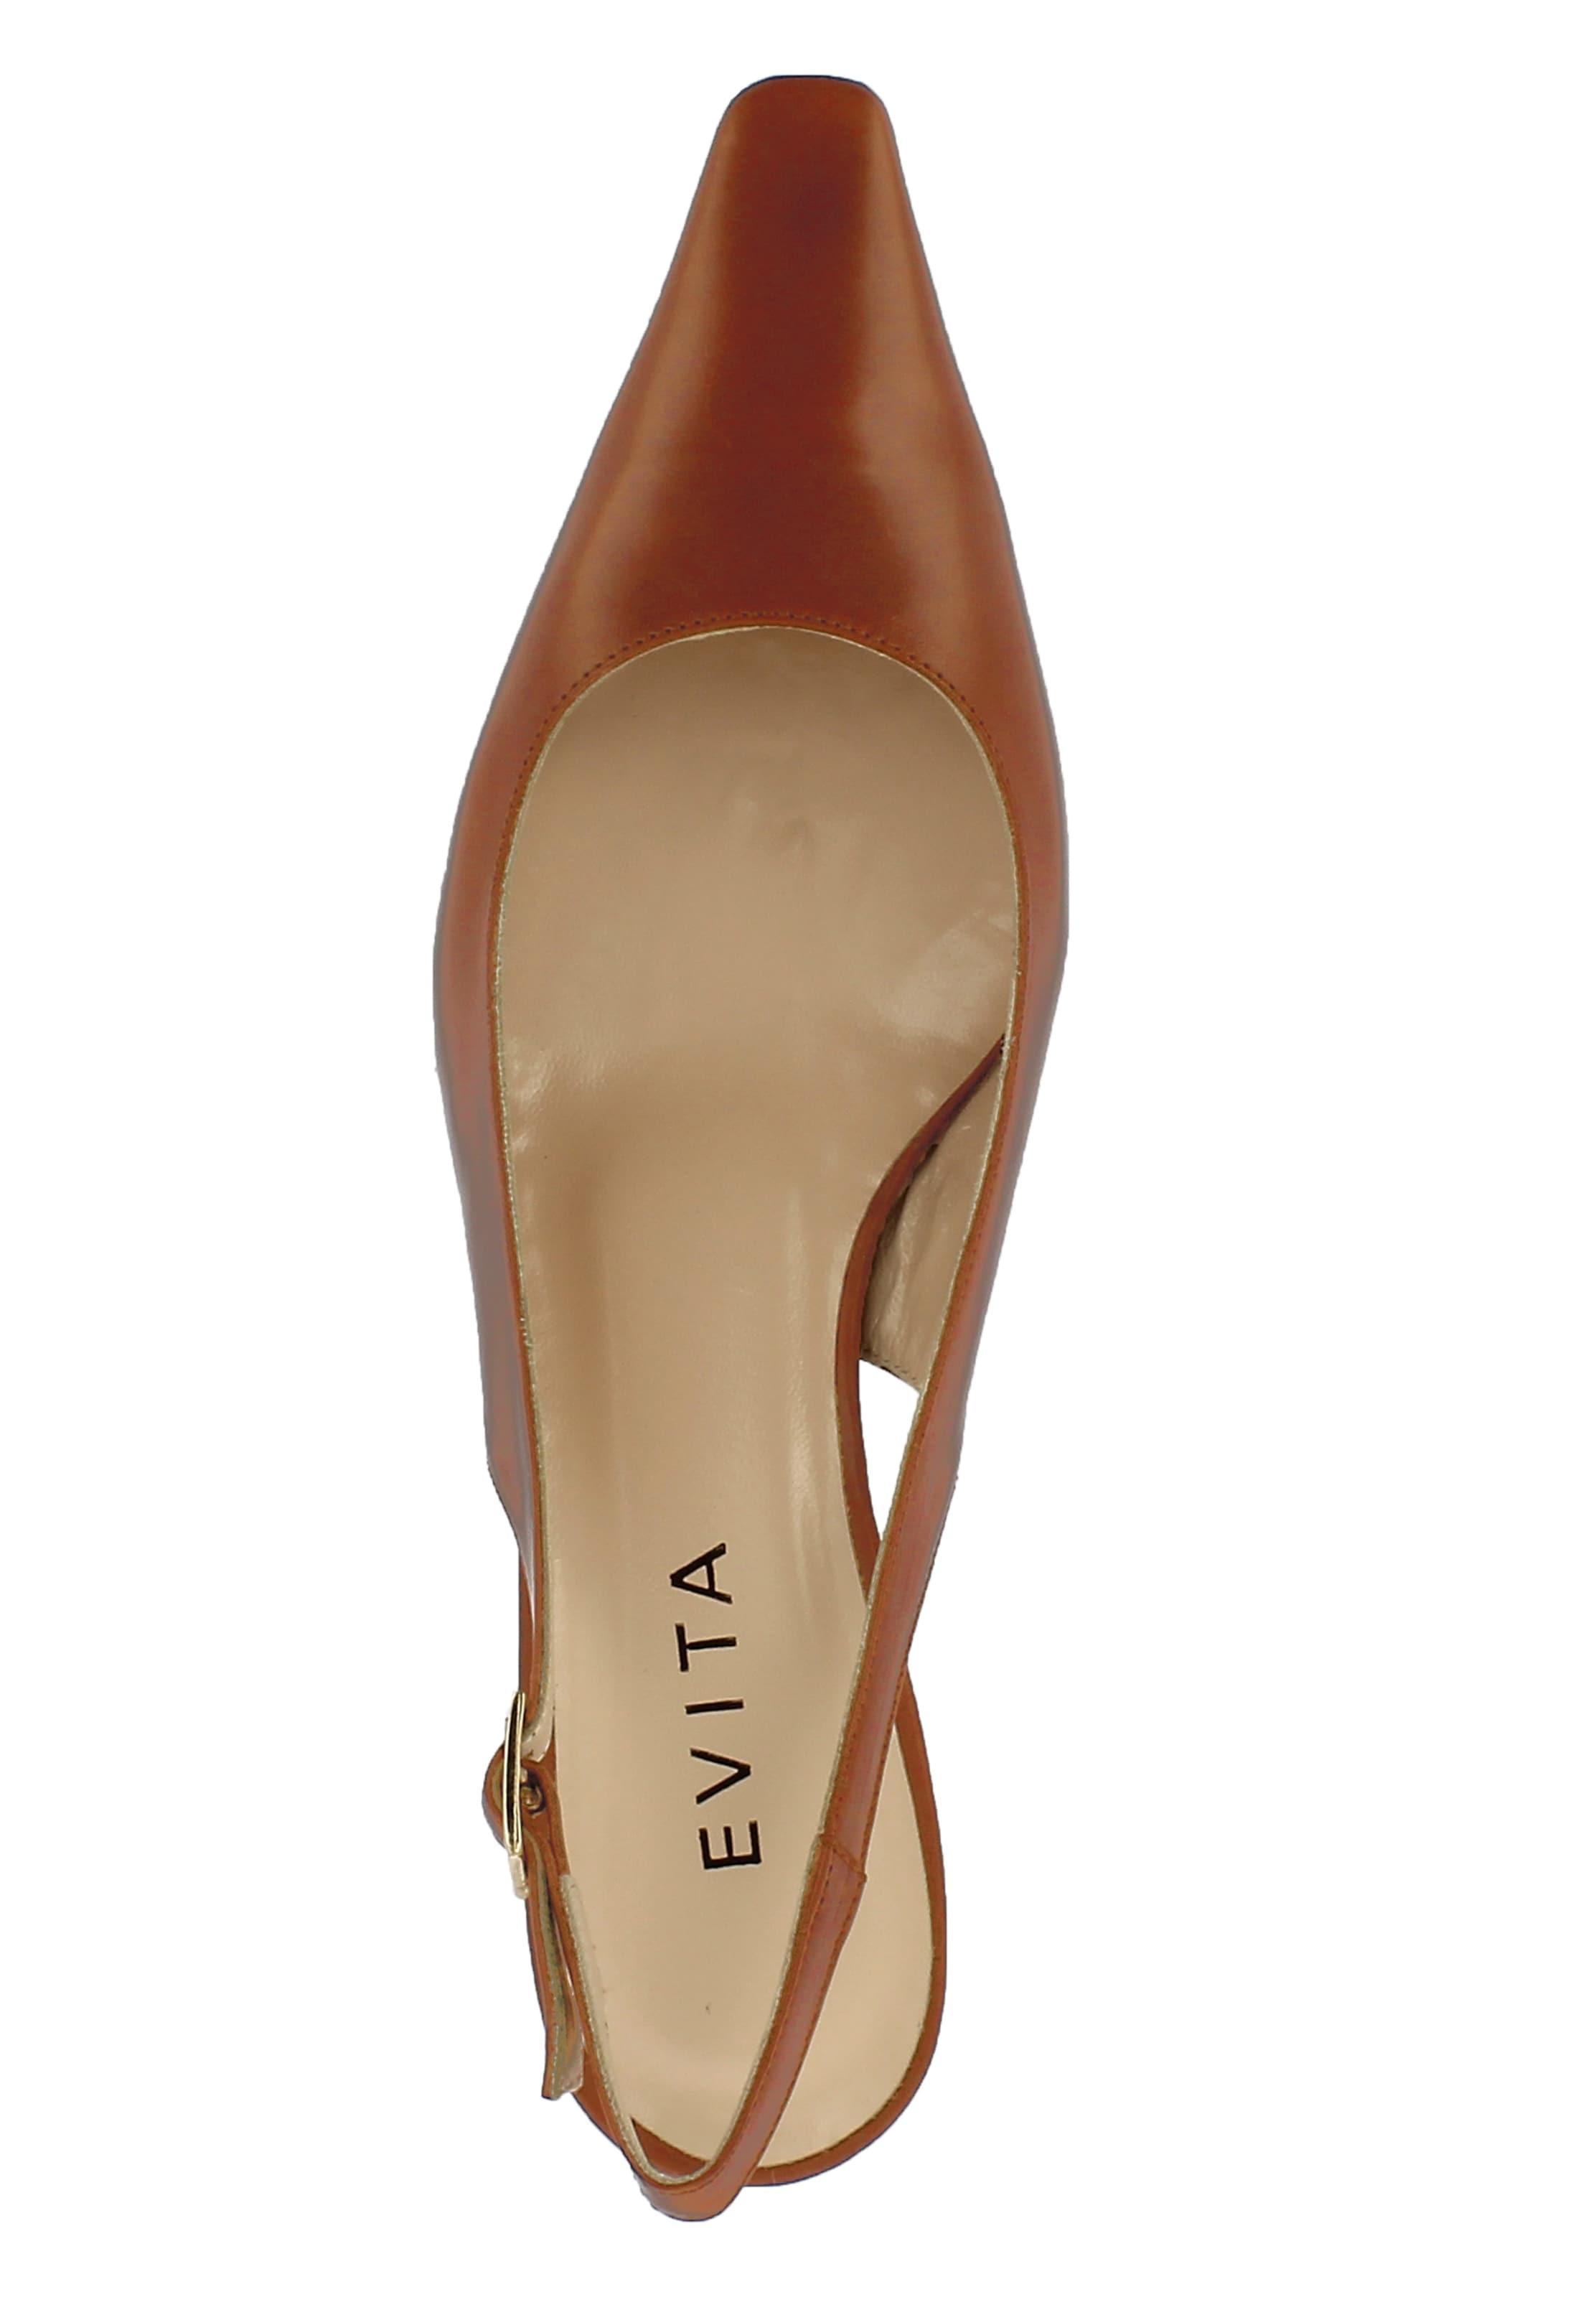 Billig Verkauf Erkunden Billige Mode EVITA Damen Sling Pumps Günstig Online dGbjhhYLJi